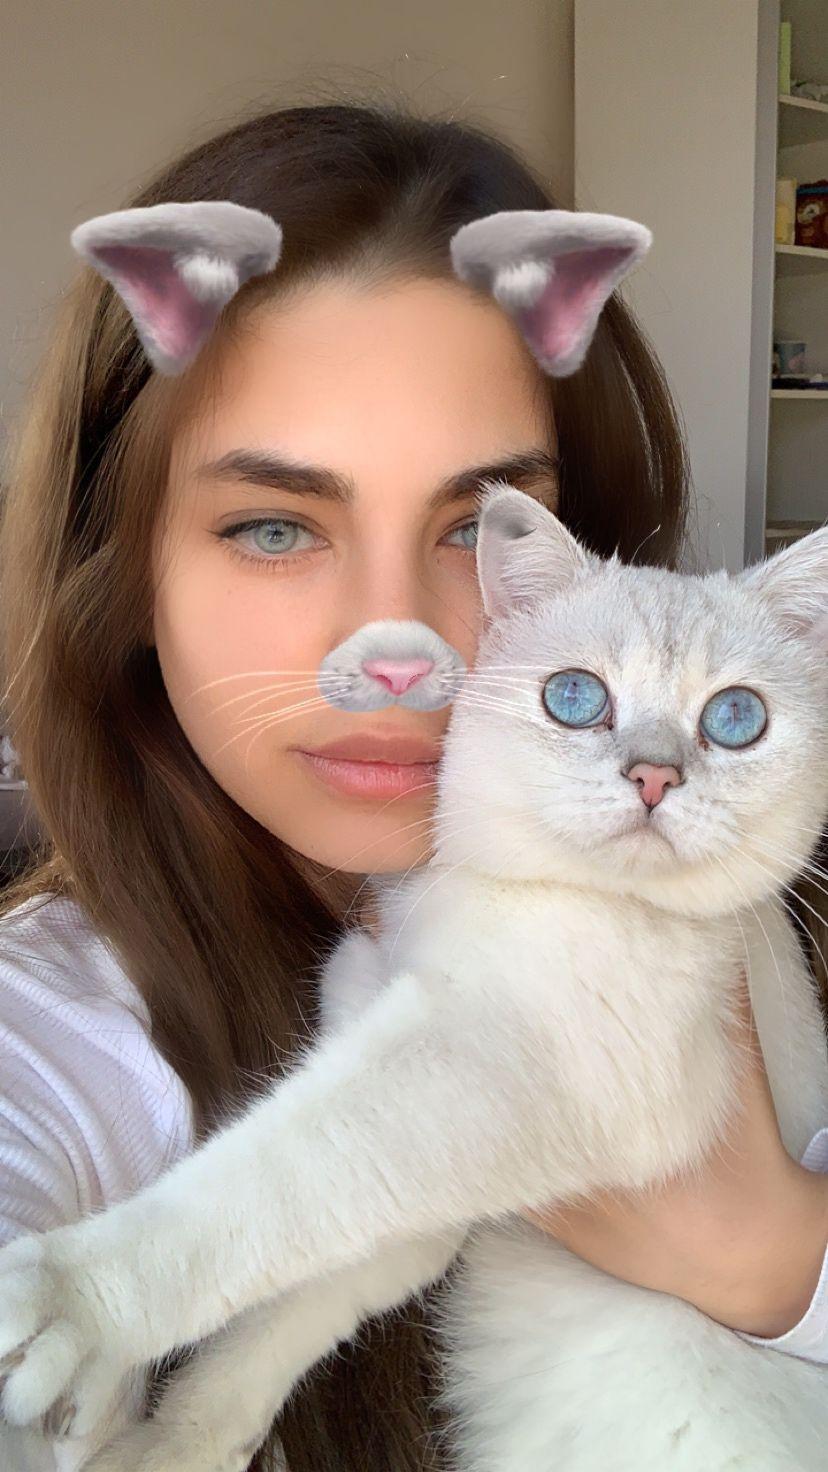 Mery Jeferly Beauty Art Instagram Instagram Photo